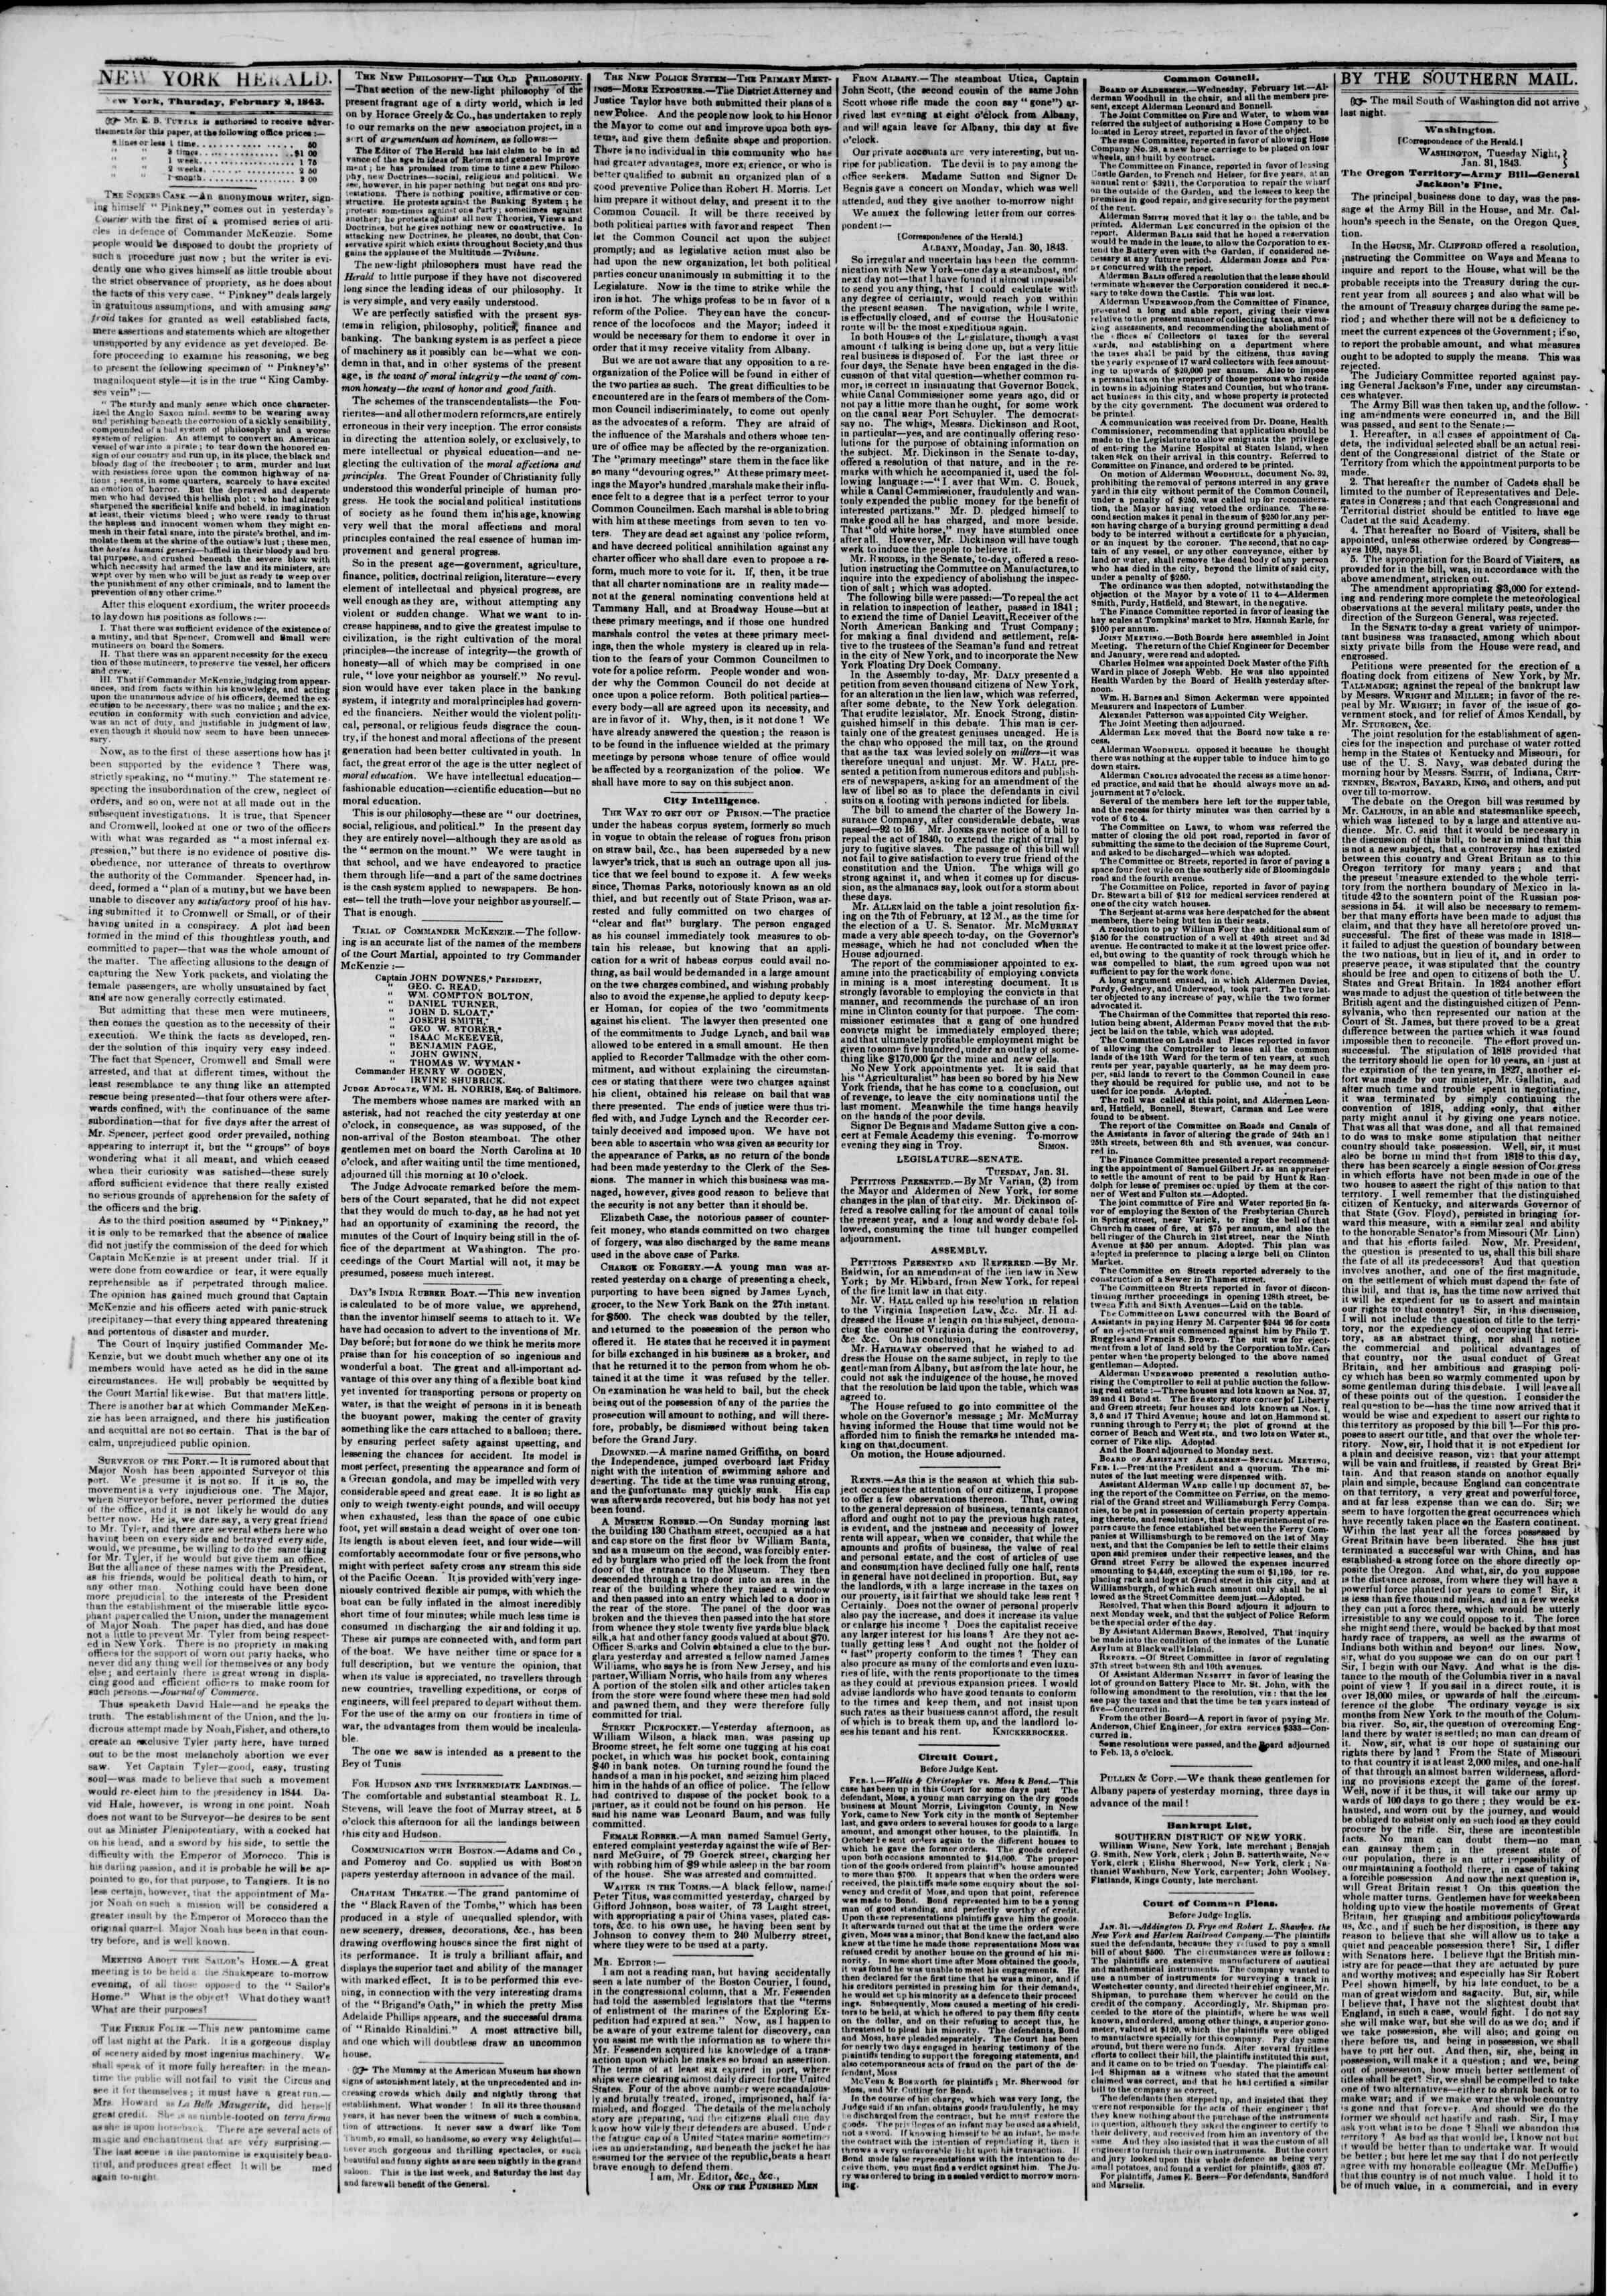 2 Şubat 1843 Tarihli The New York Herald Gazetesi Sayfa 2